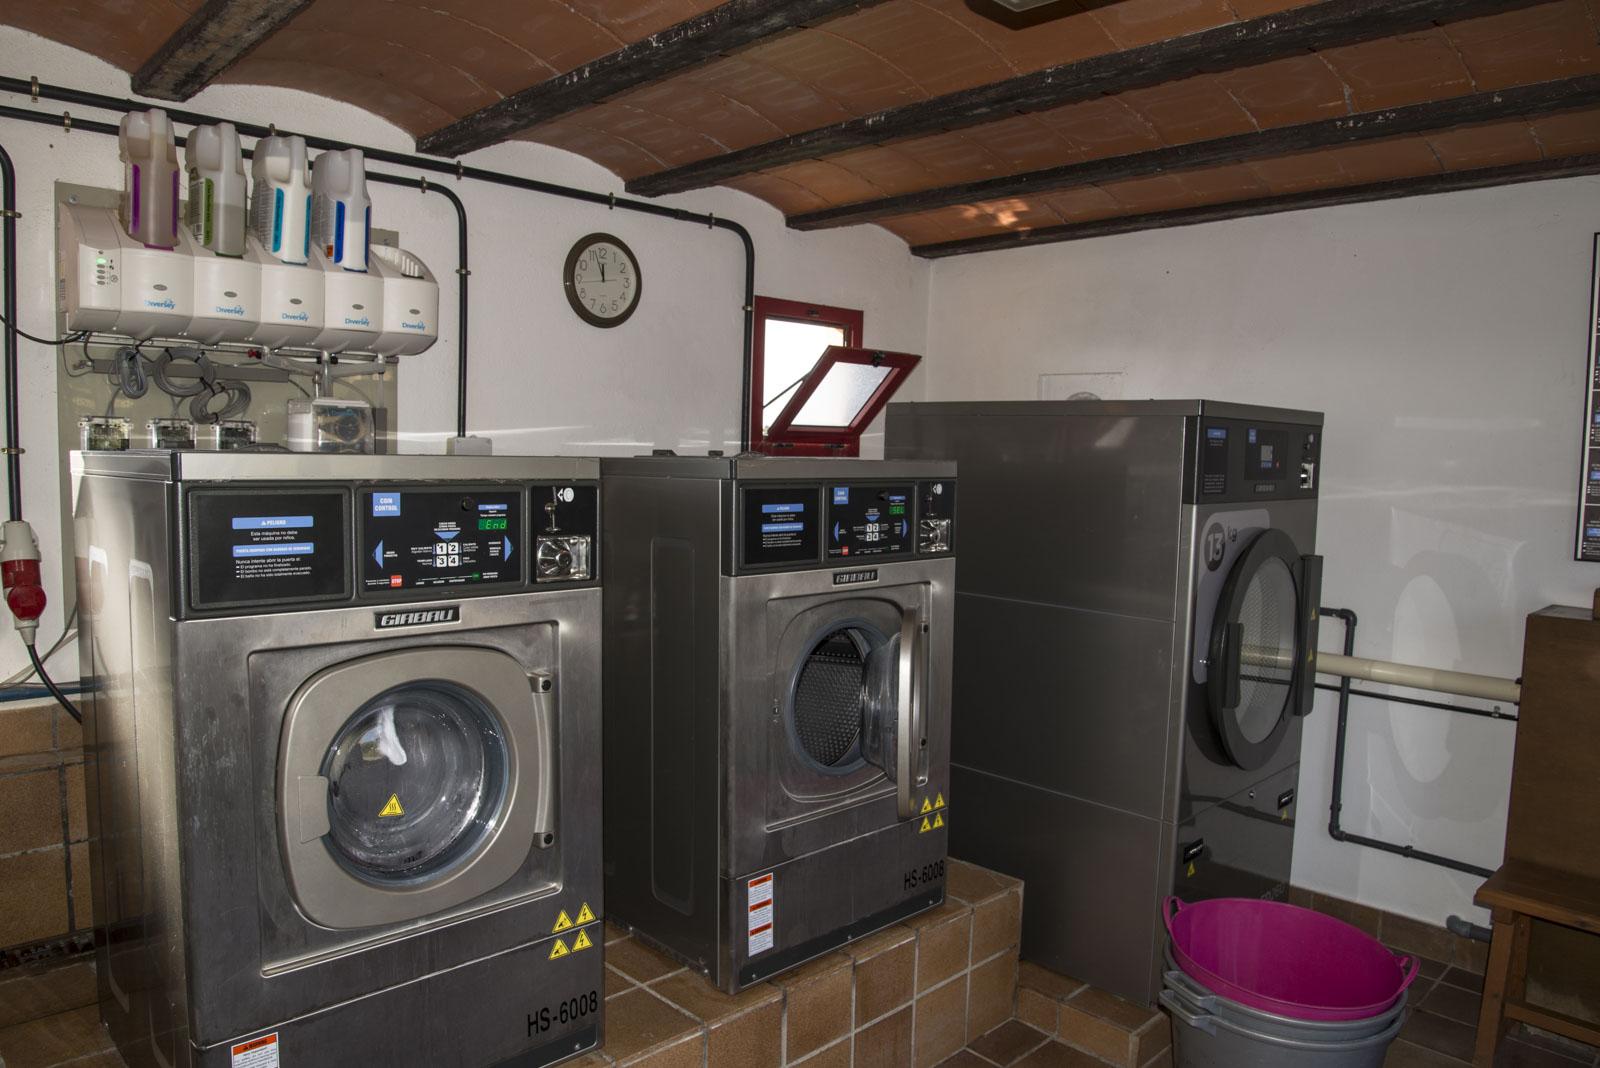 Vaskerommet med nye maskiner med automatisk dosering av vaskemidler